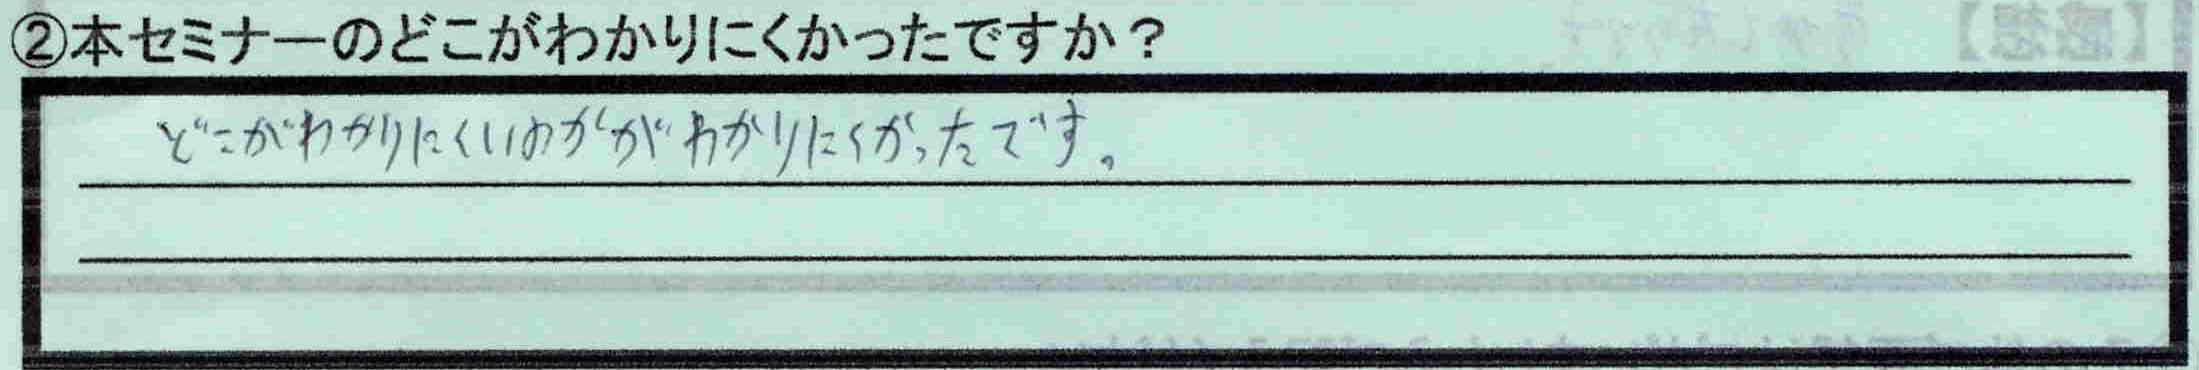 愛知県藤原健さん